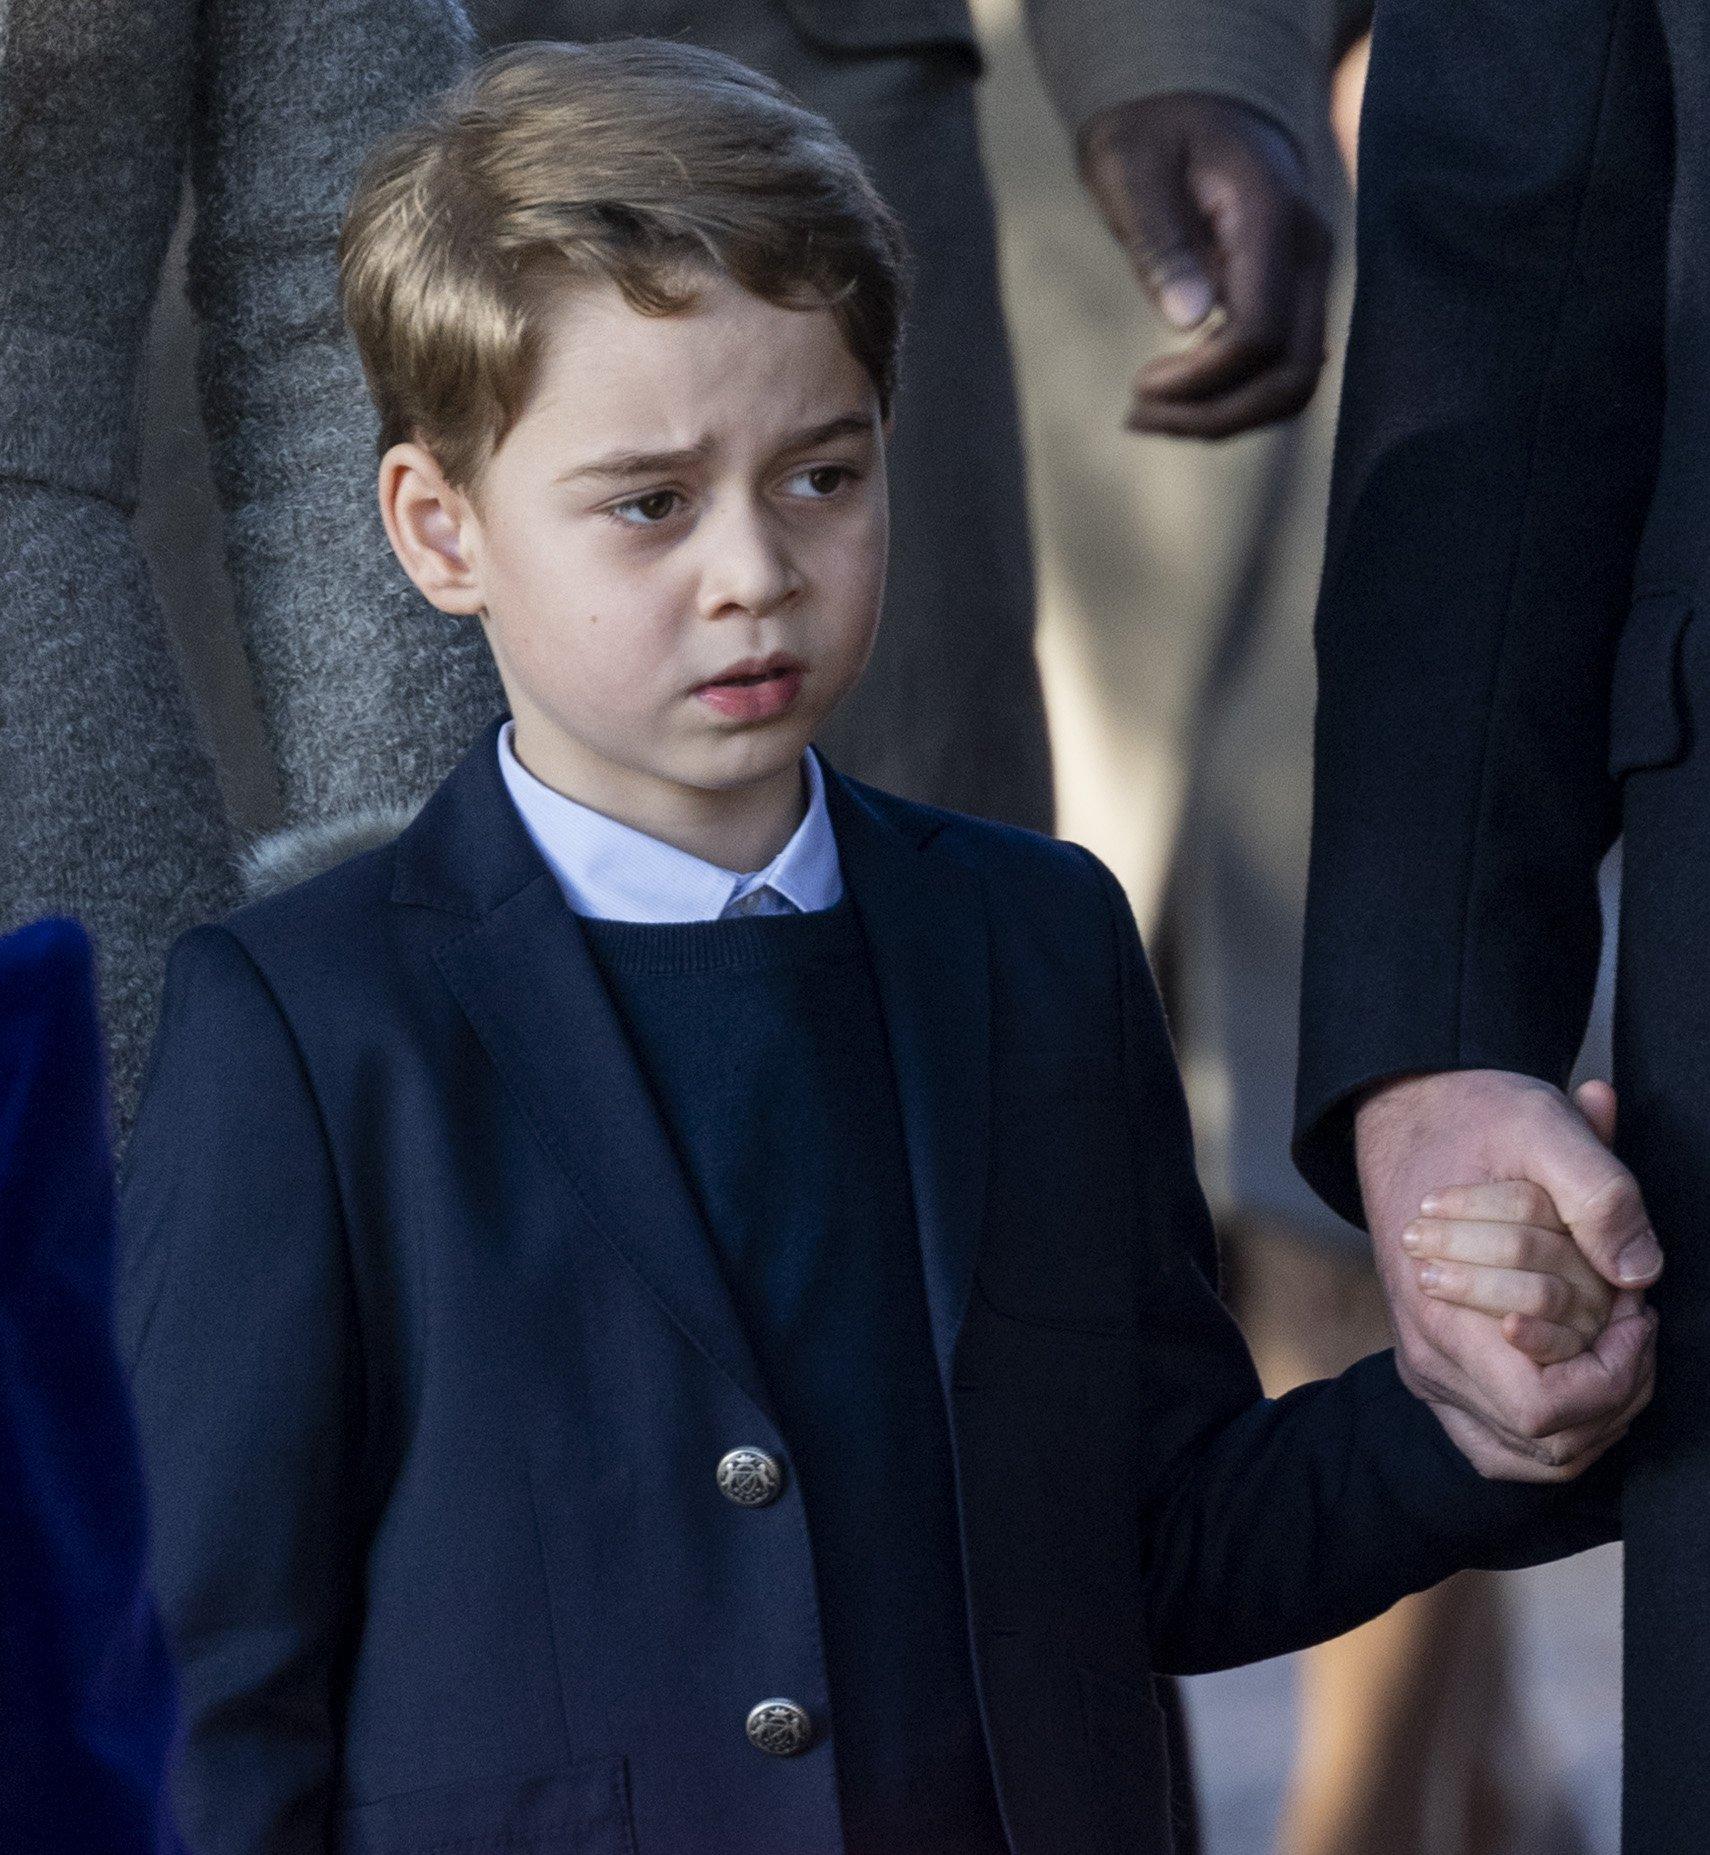 Елизавета II приступила к подготовке сына принца Уильяма к роли будущего короля